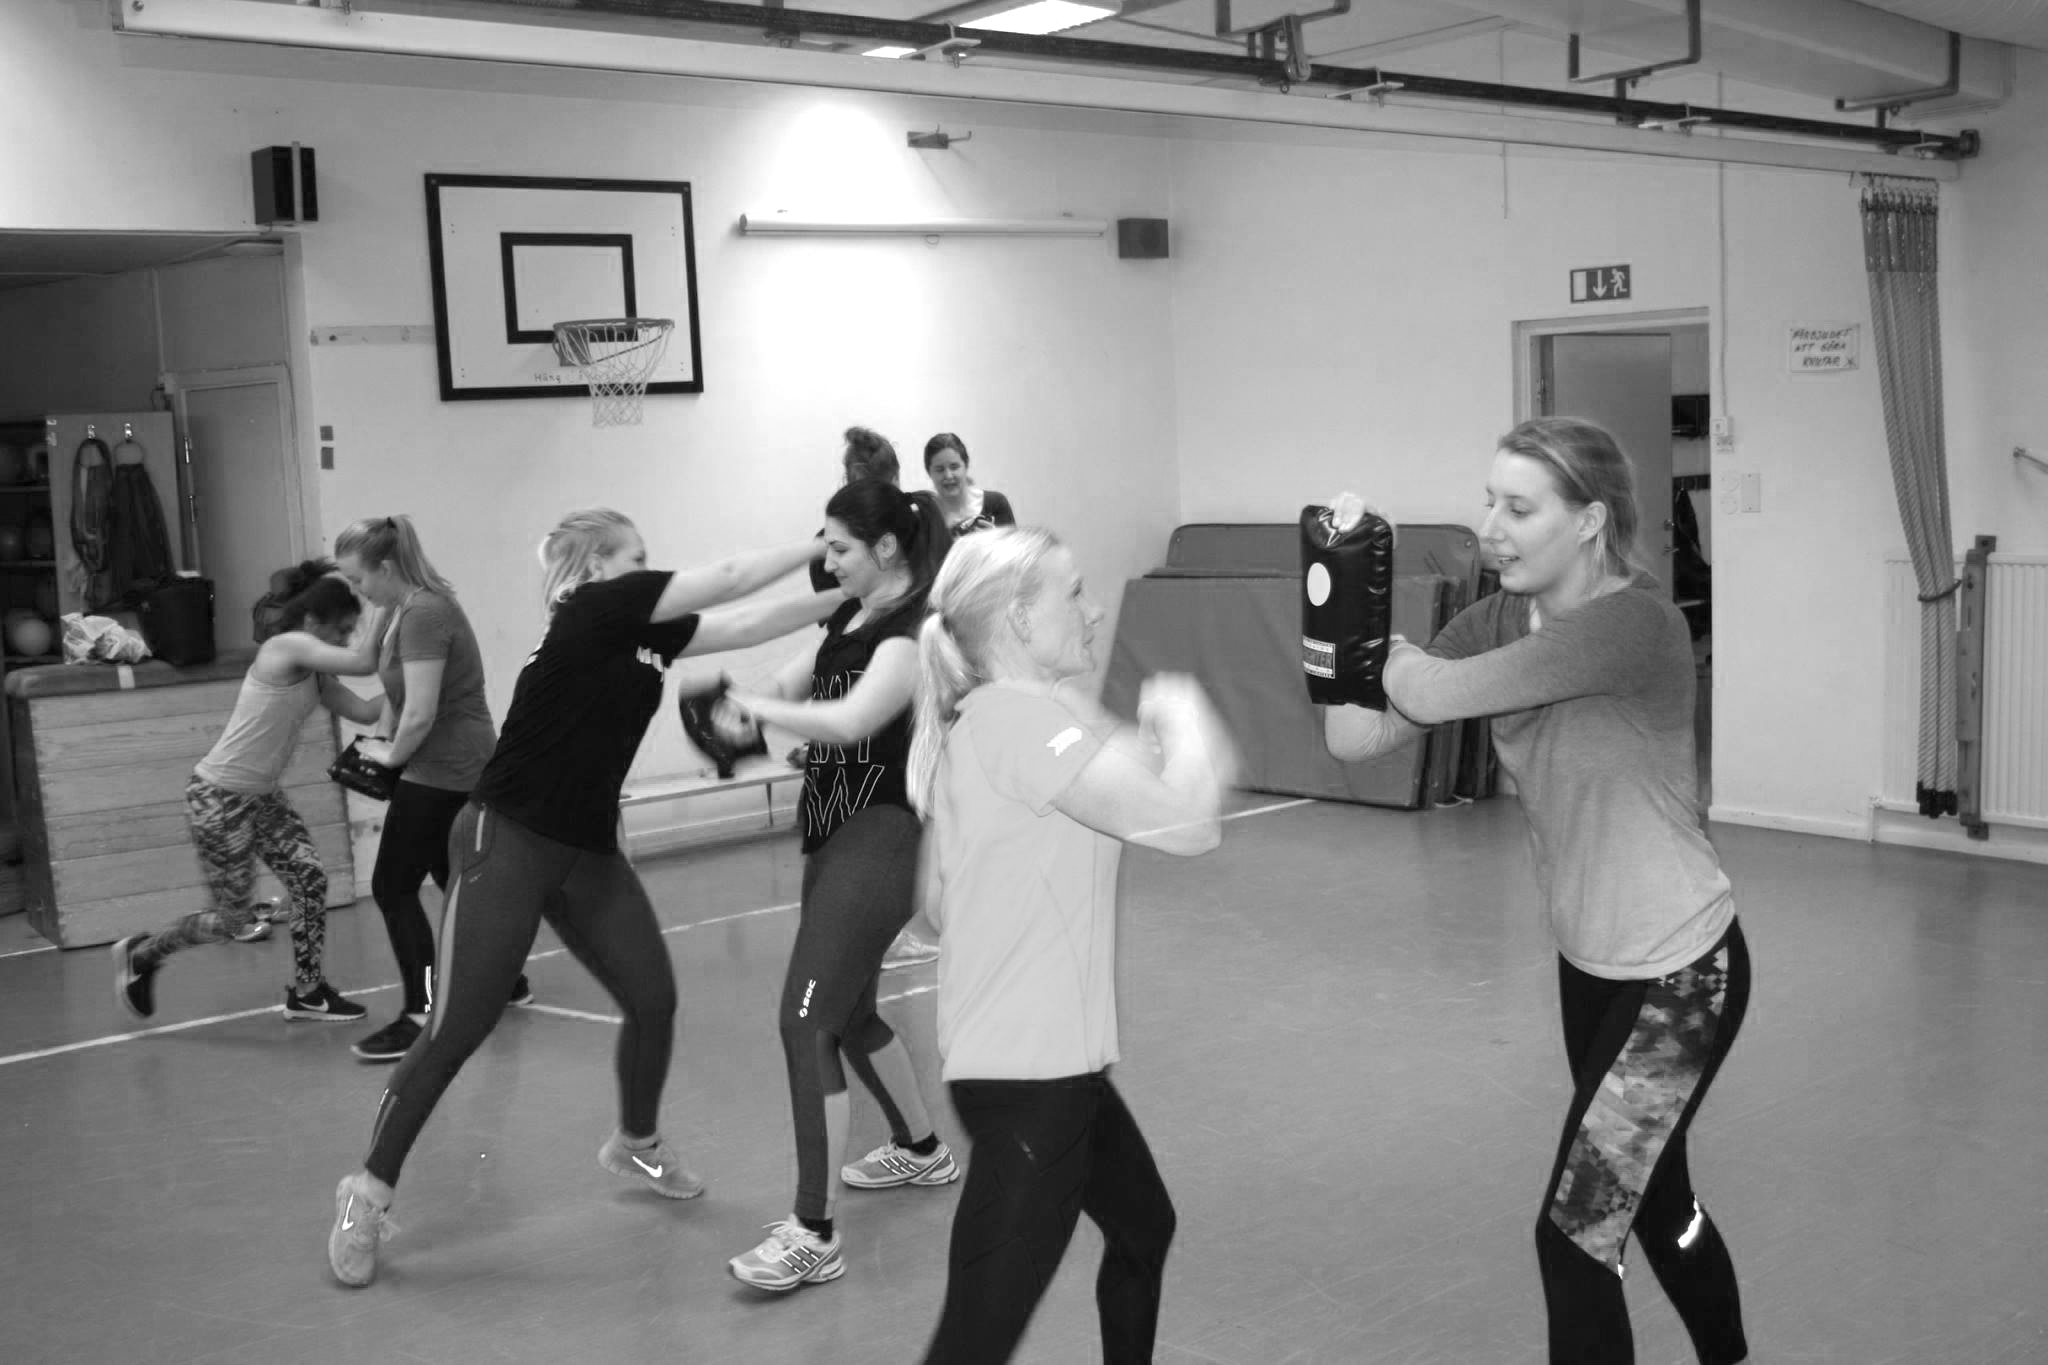 Intensivkurs självförsvar tjejer Stockholm Uppsala